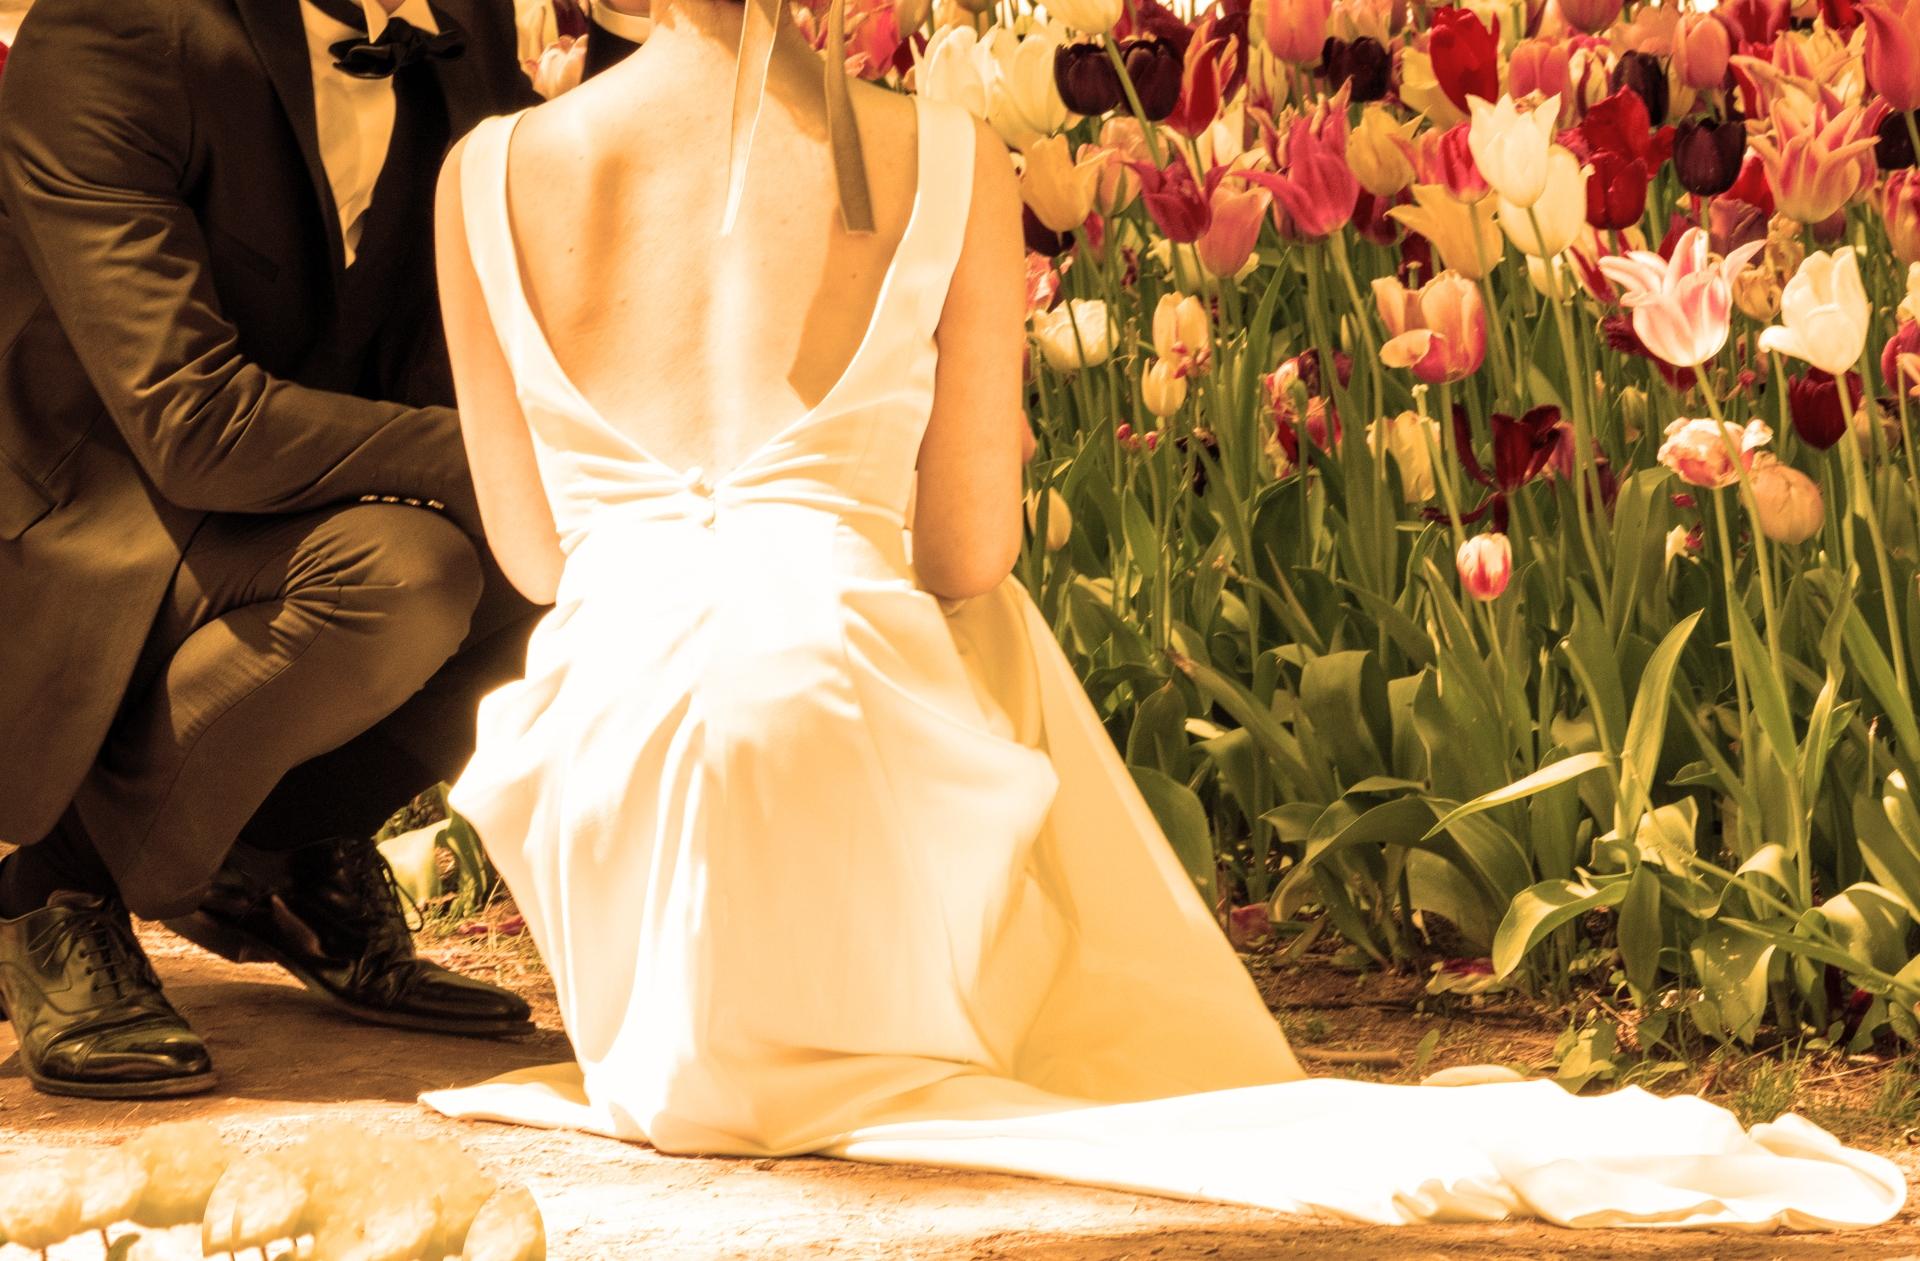 結婚式用インナー 2021年トレンドドレス 2021年秋冬婚